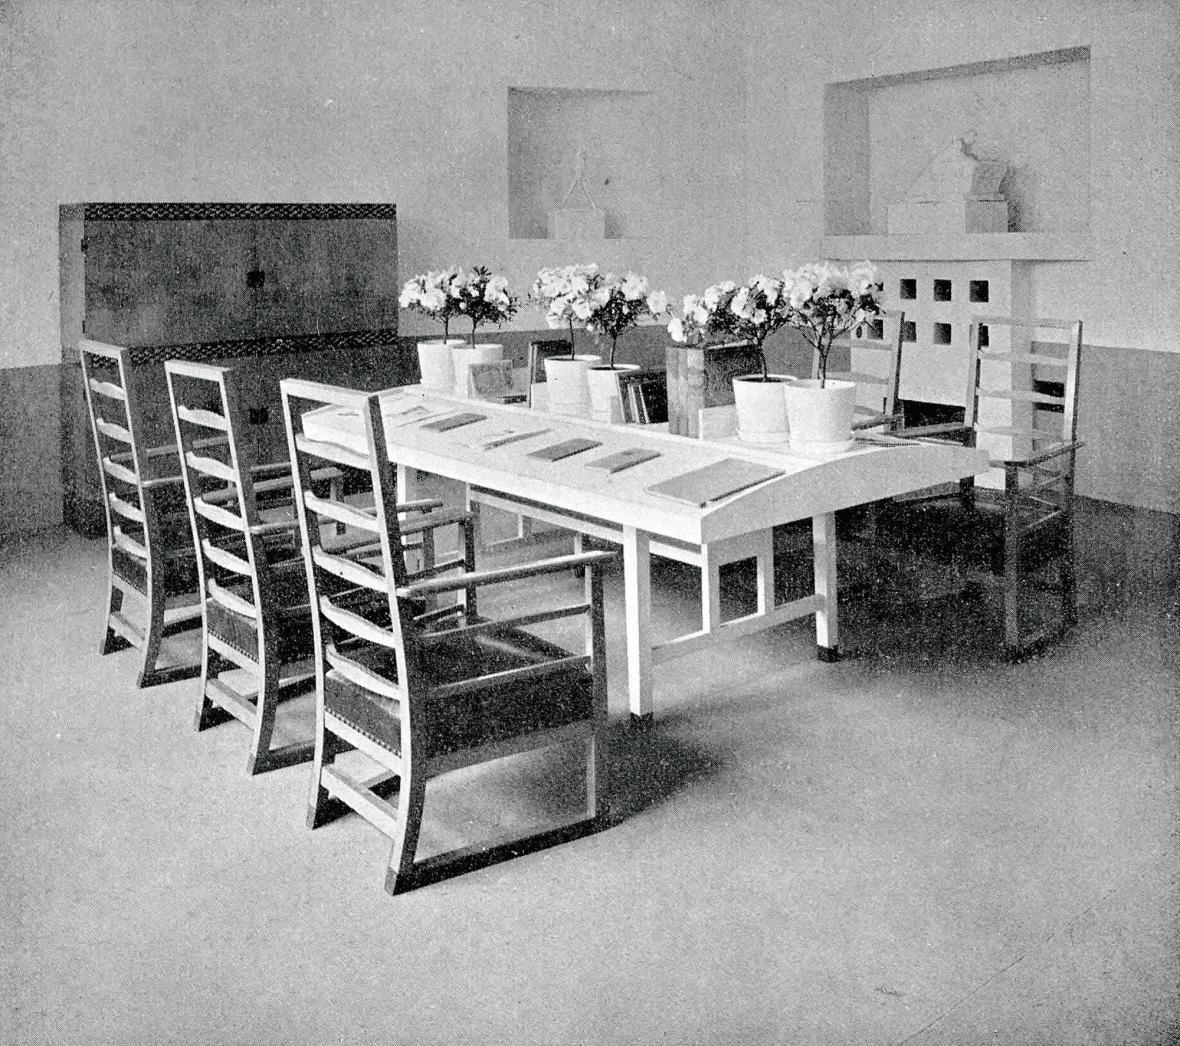 Interiér čítárny z výstavy Vídeňská secese